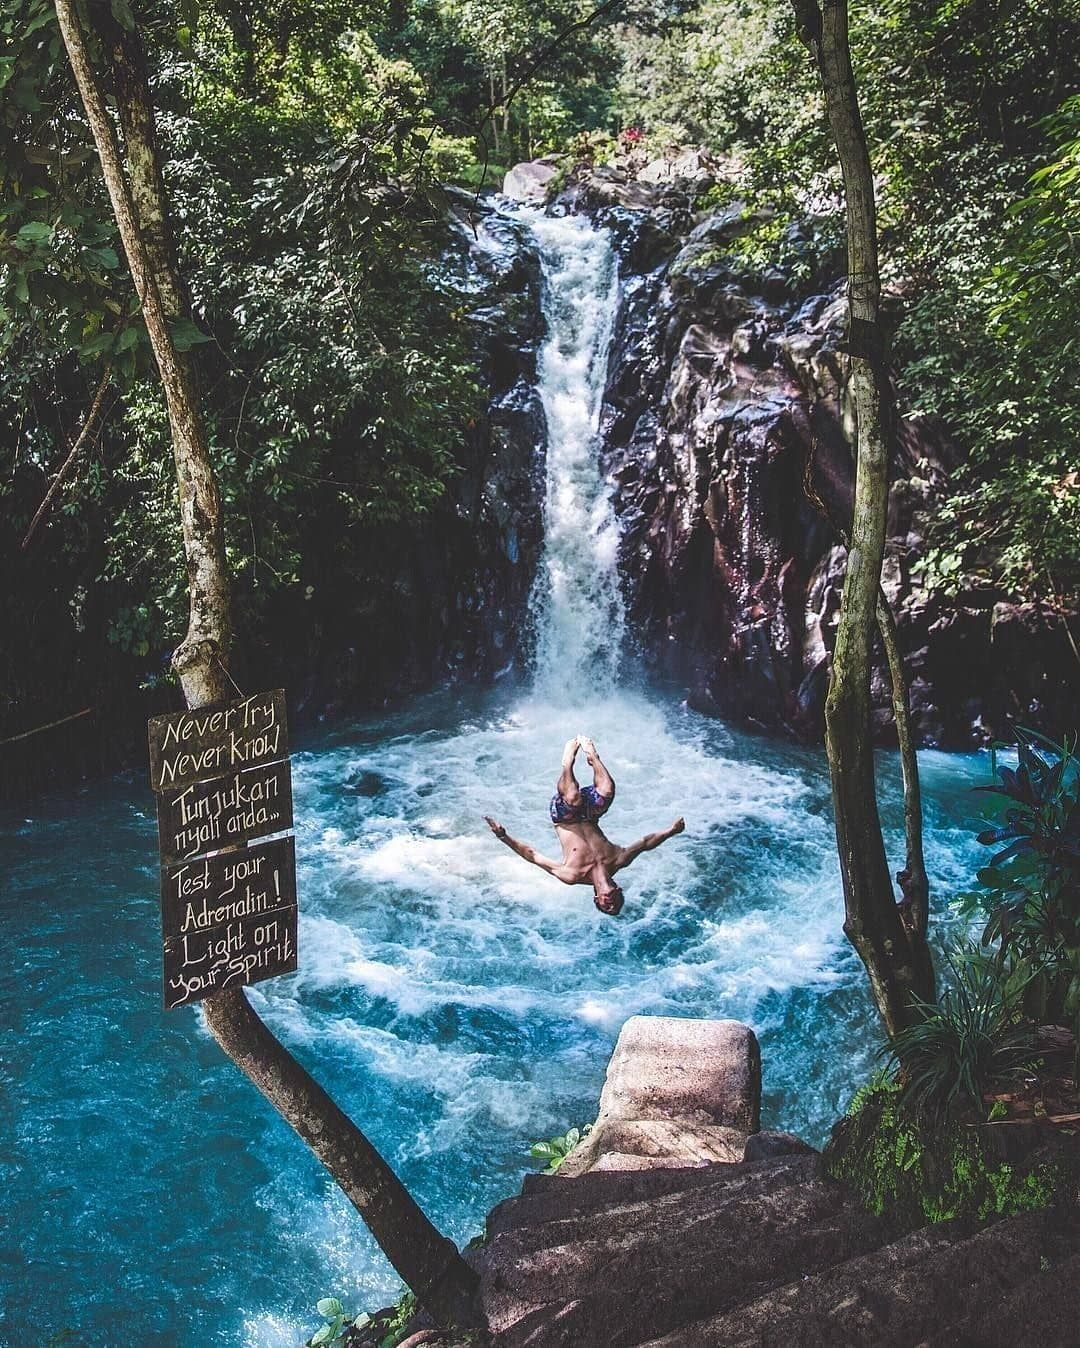 Aling Aling Waterfall Very Beautiful And Natural Located North Location Jl Raya Desa Aling Aling Bali Indonesia Travel Bali Travel Beautiful Waterfalls